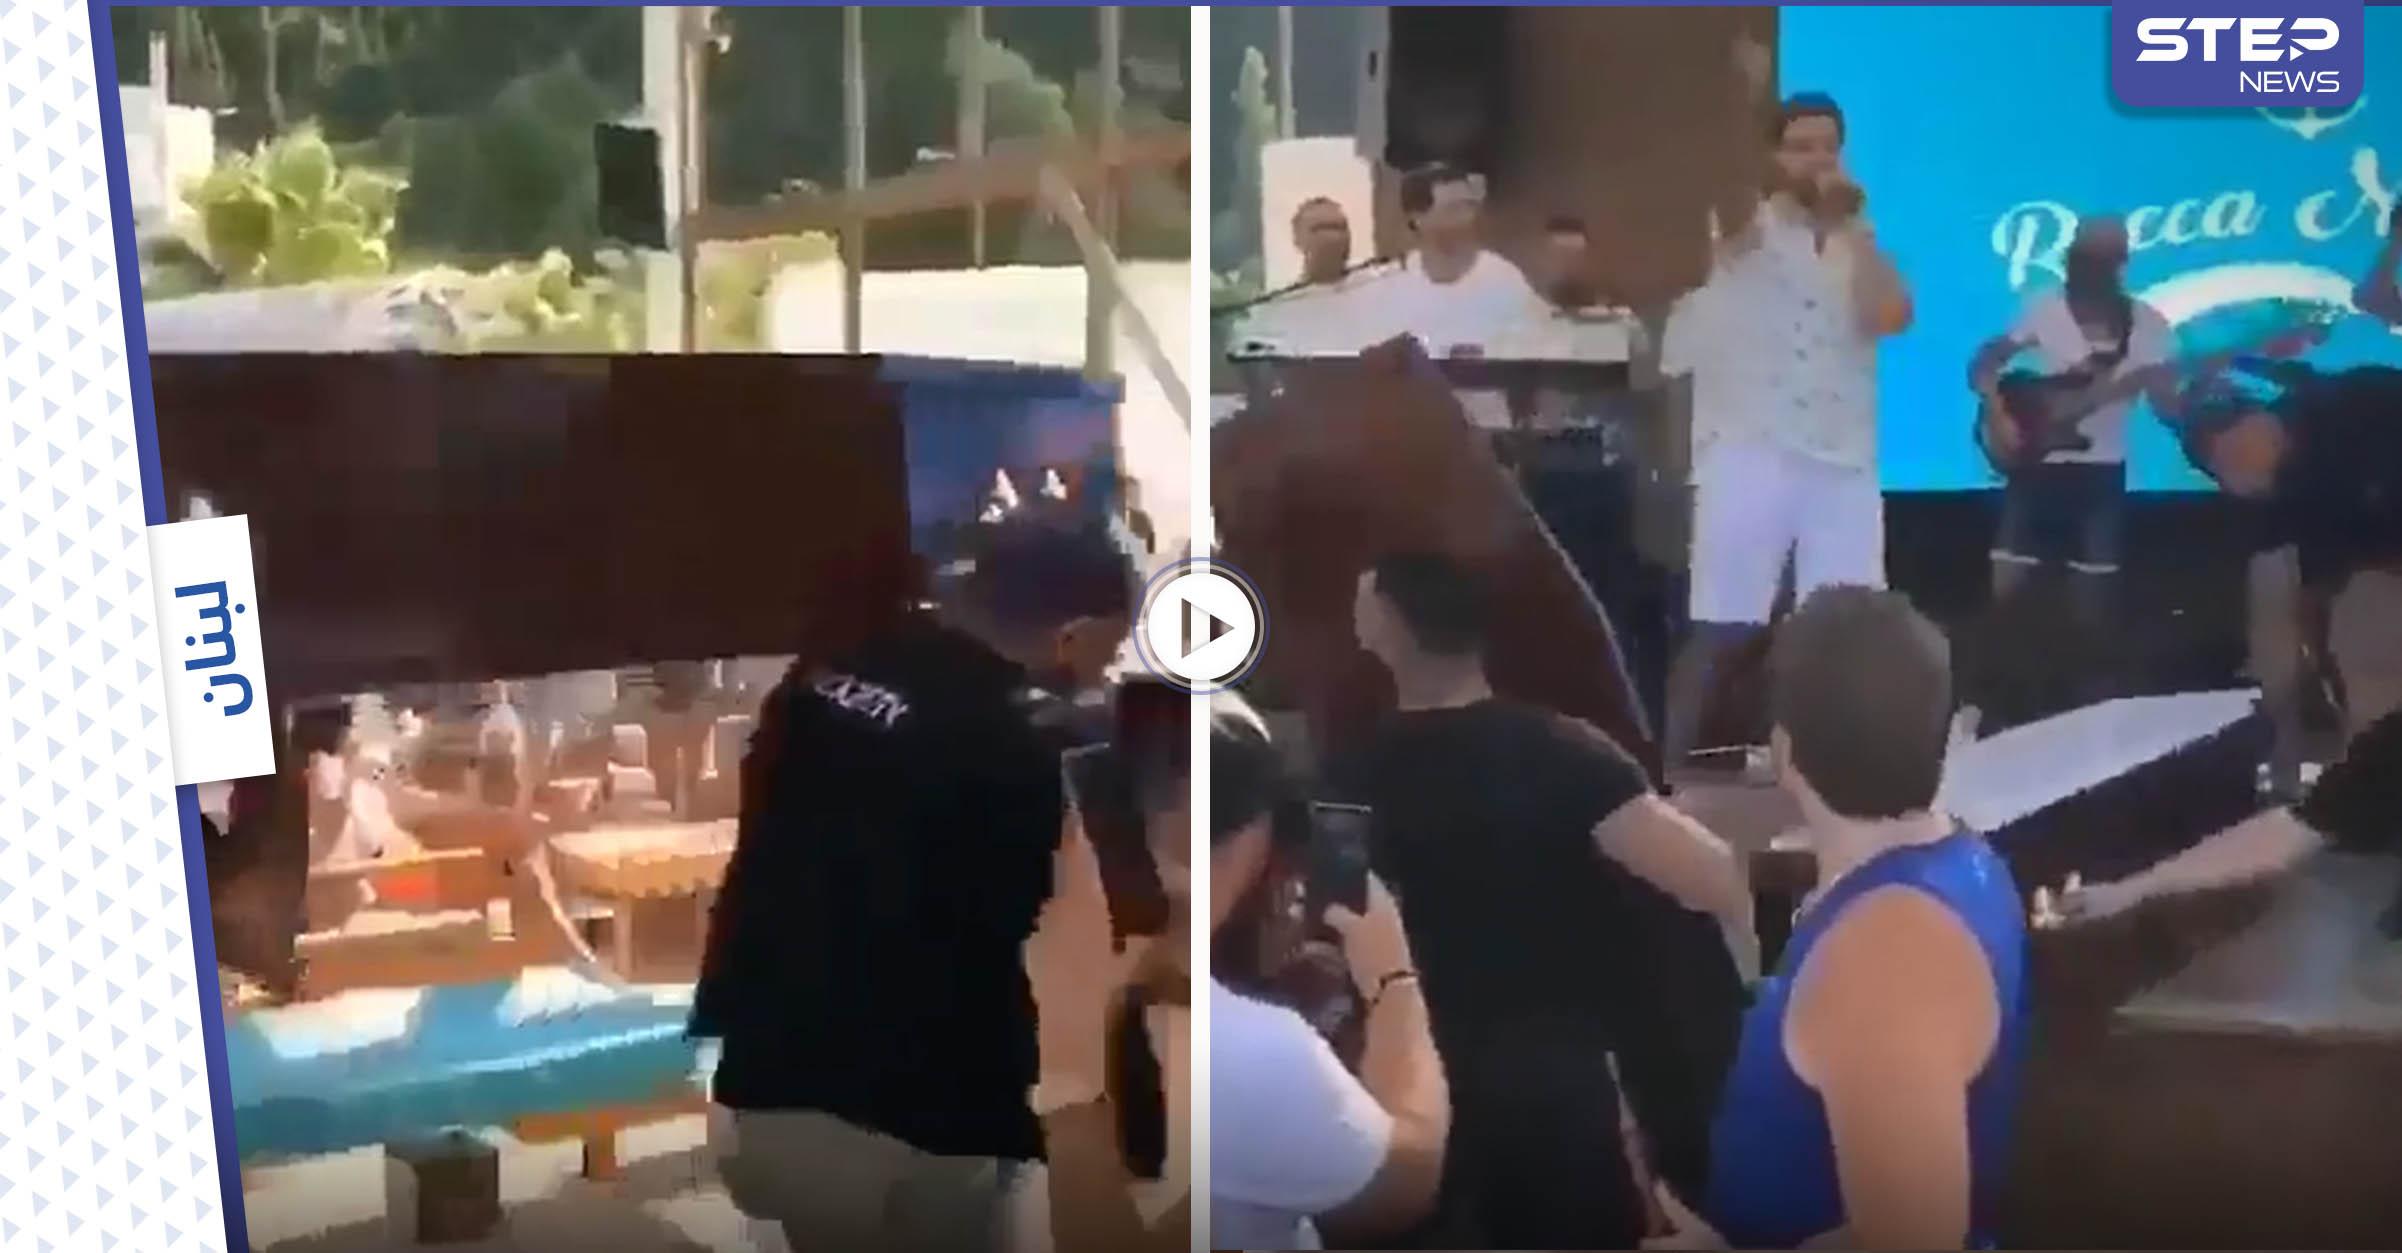 بالفيديو   فنان لبناني بمشهد غير لائق يخرج من تابوت الموتى ويبدأ حفله الغنائي مثيراً الغضب